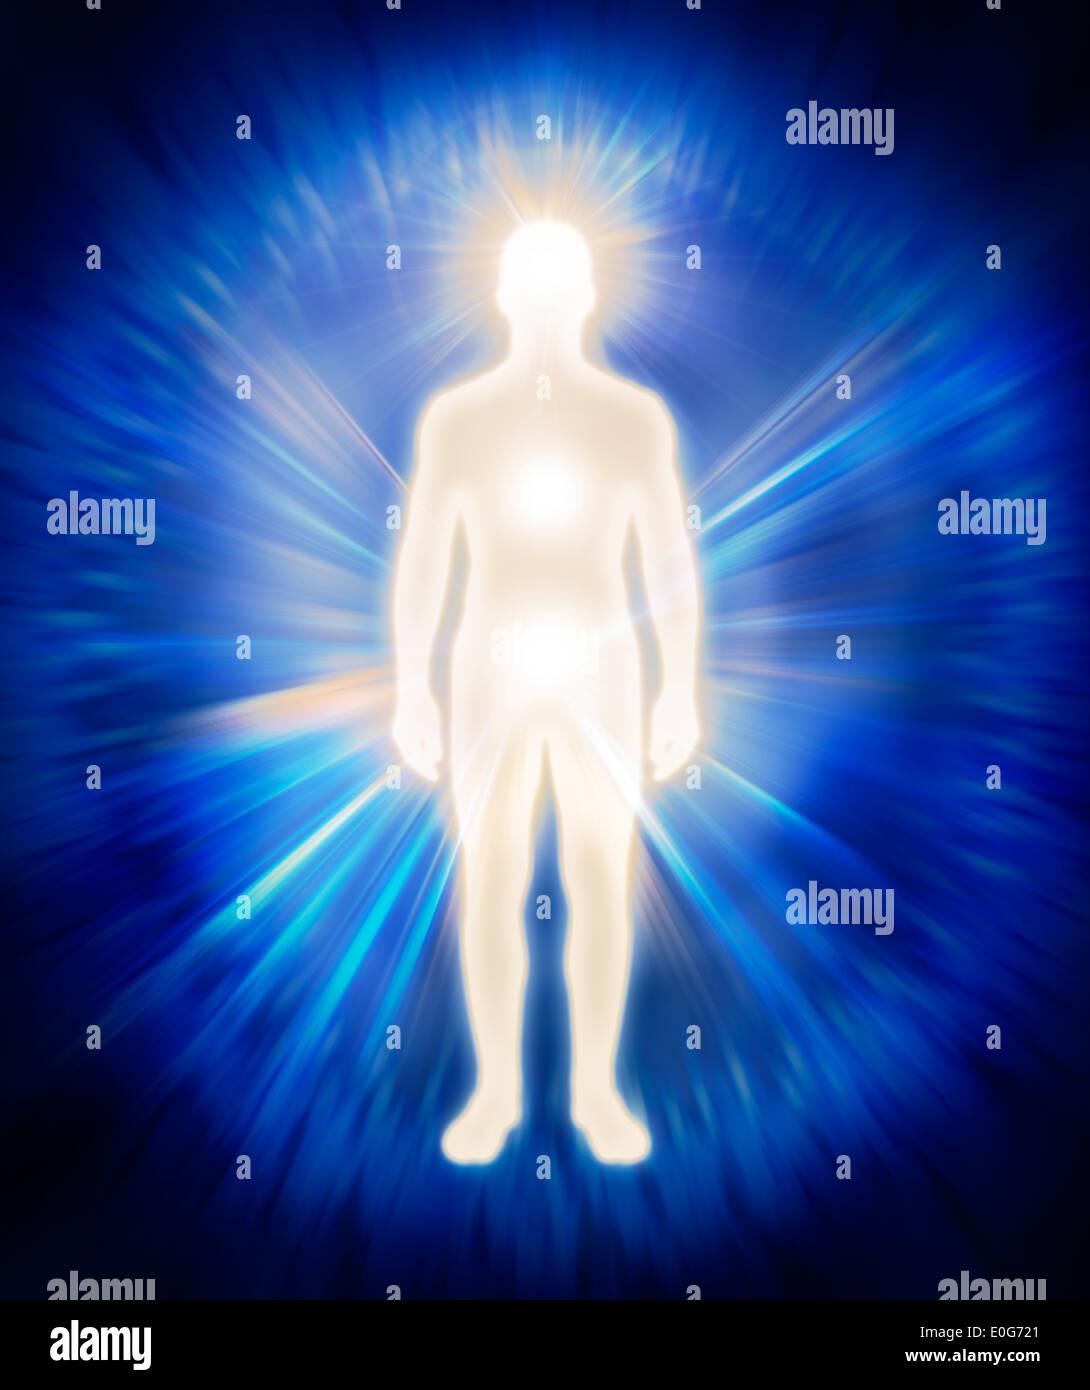 Mann feinstofflicher Körper Energie Emanationen. Leuchtende Mensch, Aura, spirituelle konzeptionelle Darstellung Stockbild